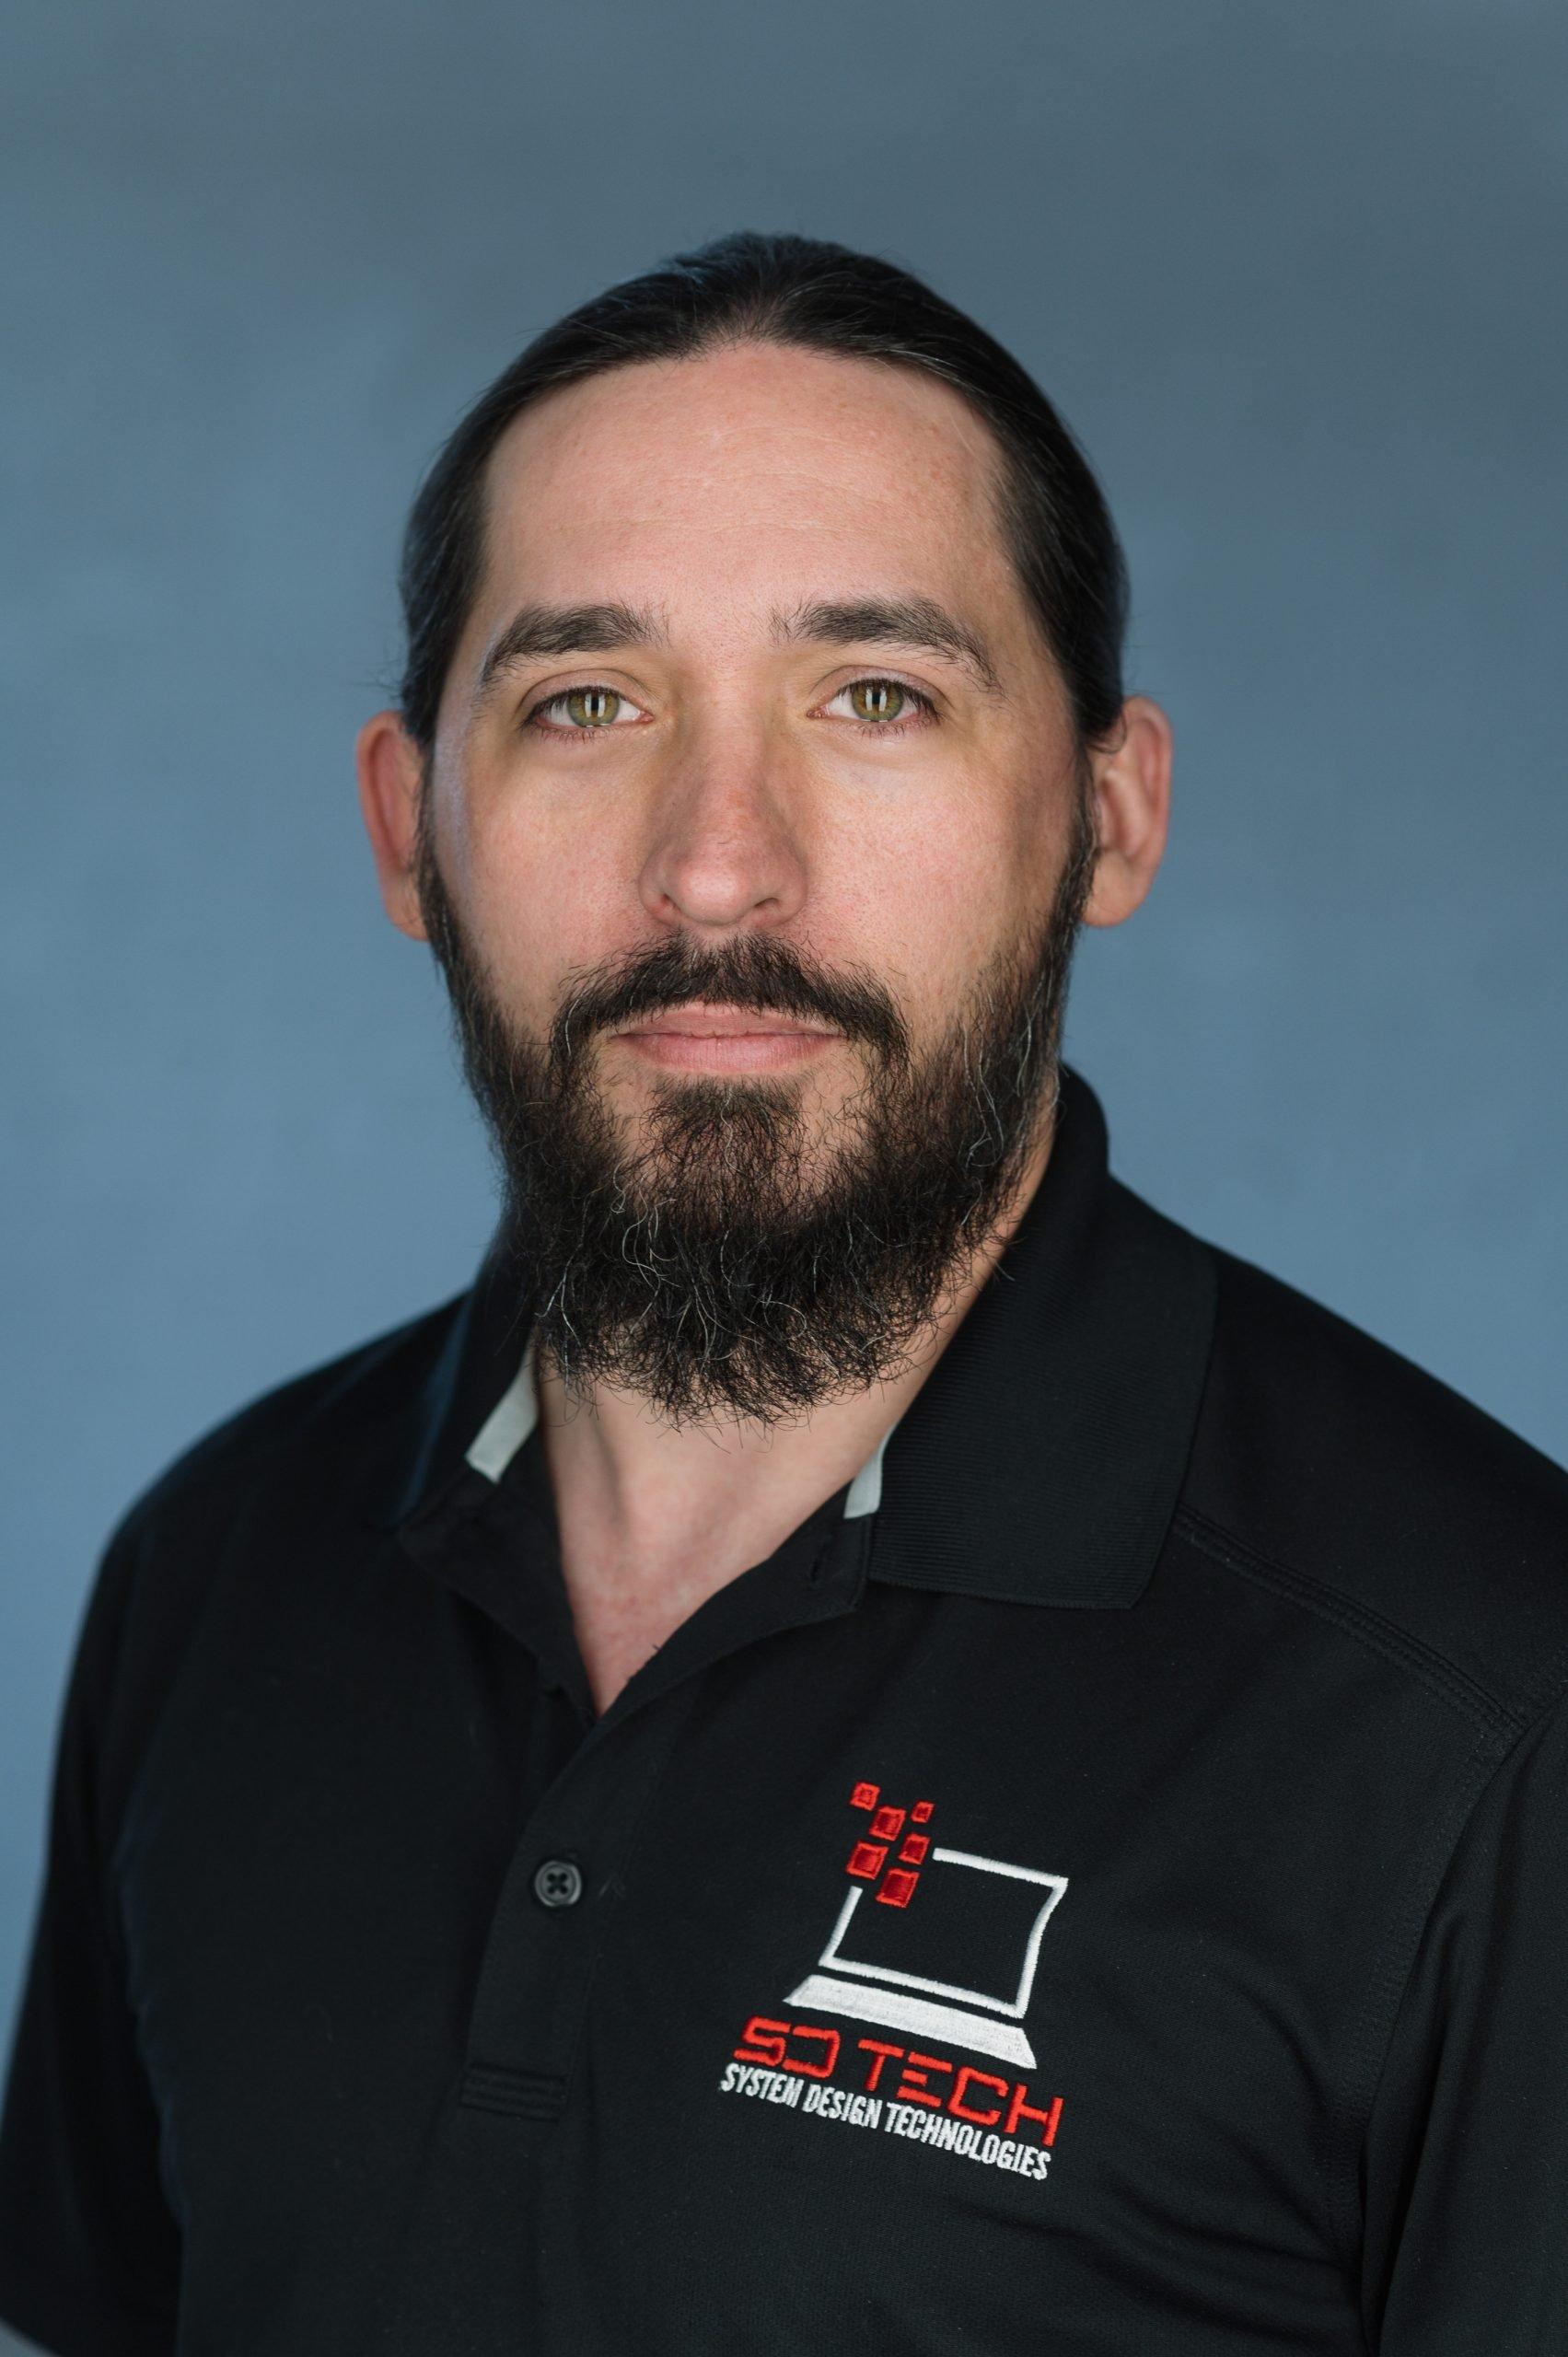 Shane Mishler